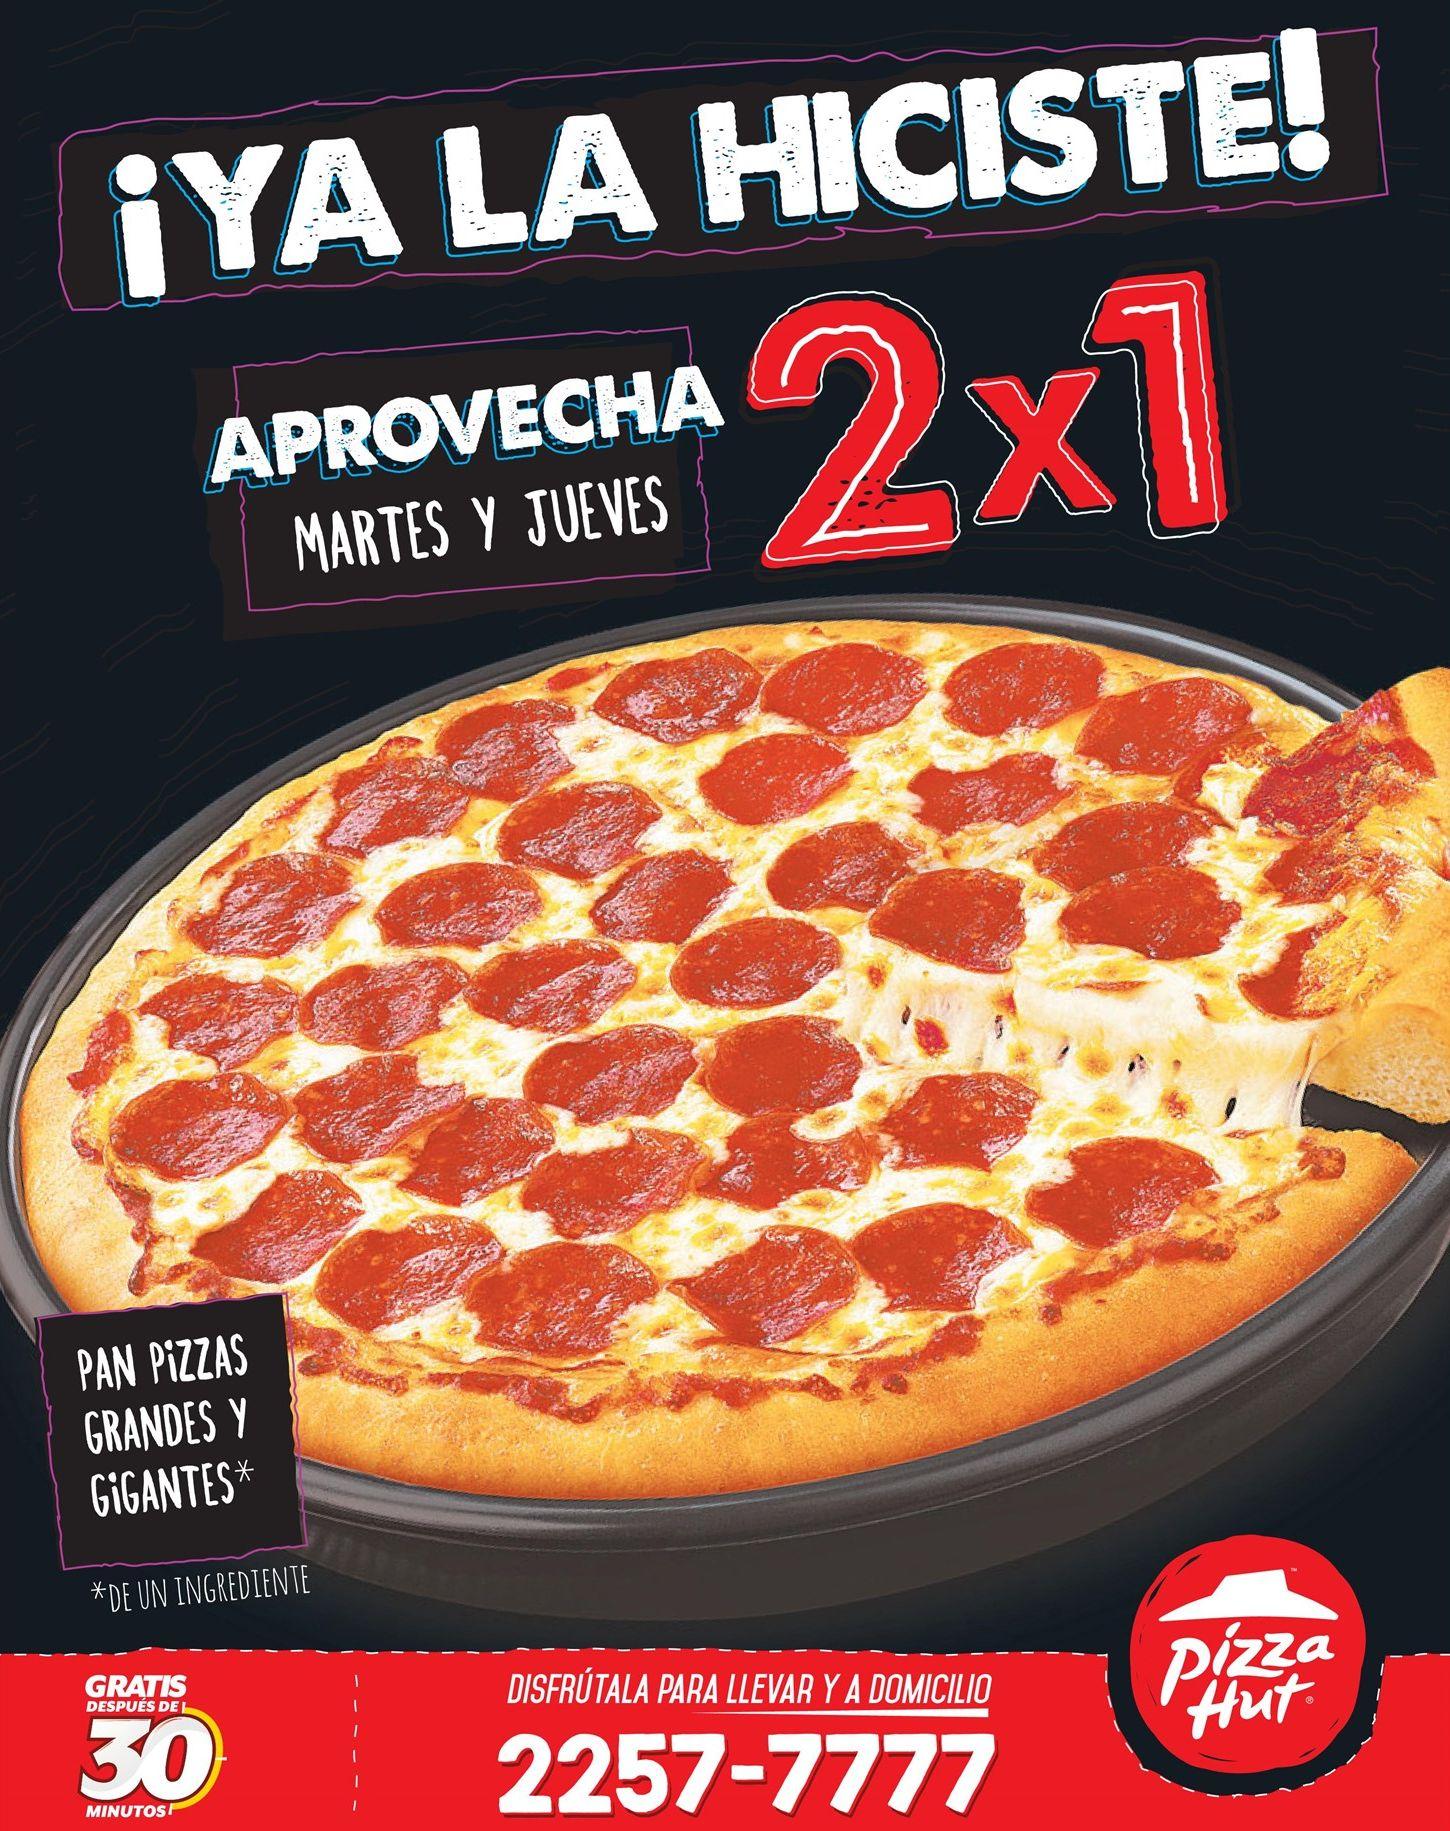 PIZZA HUT promocion 2x1 en pizzas martes y jueves